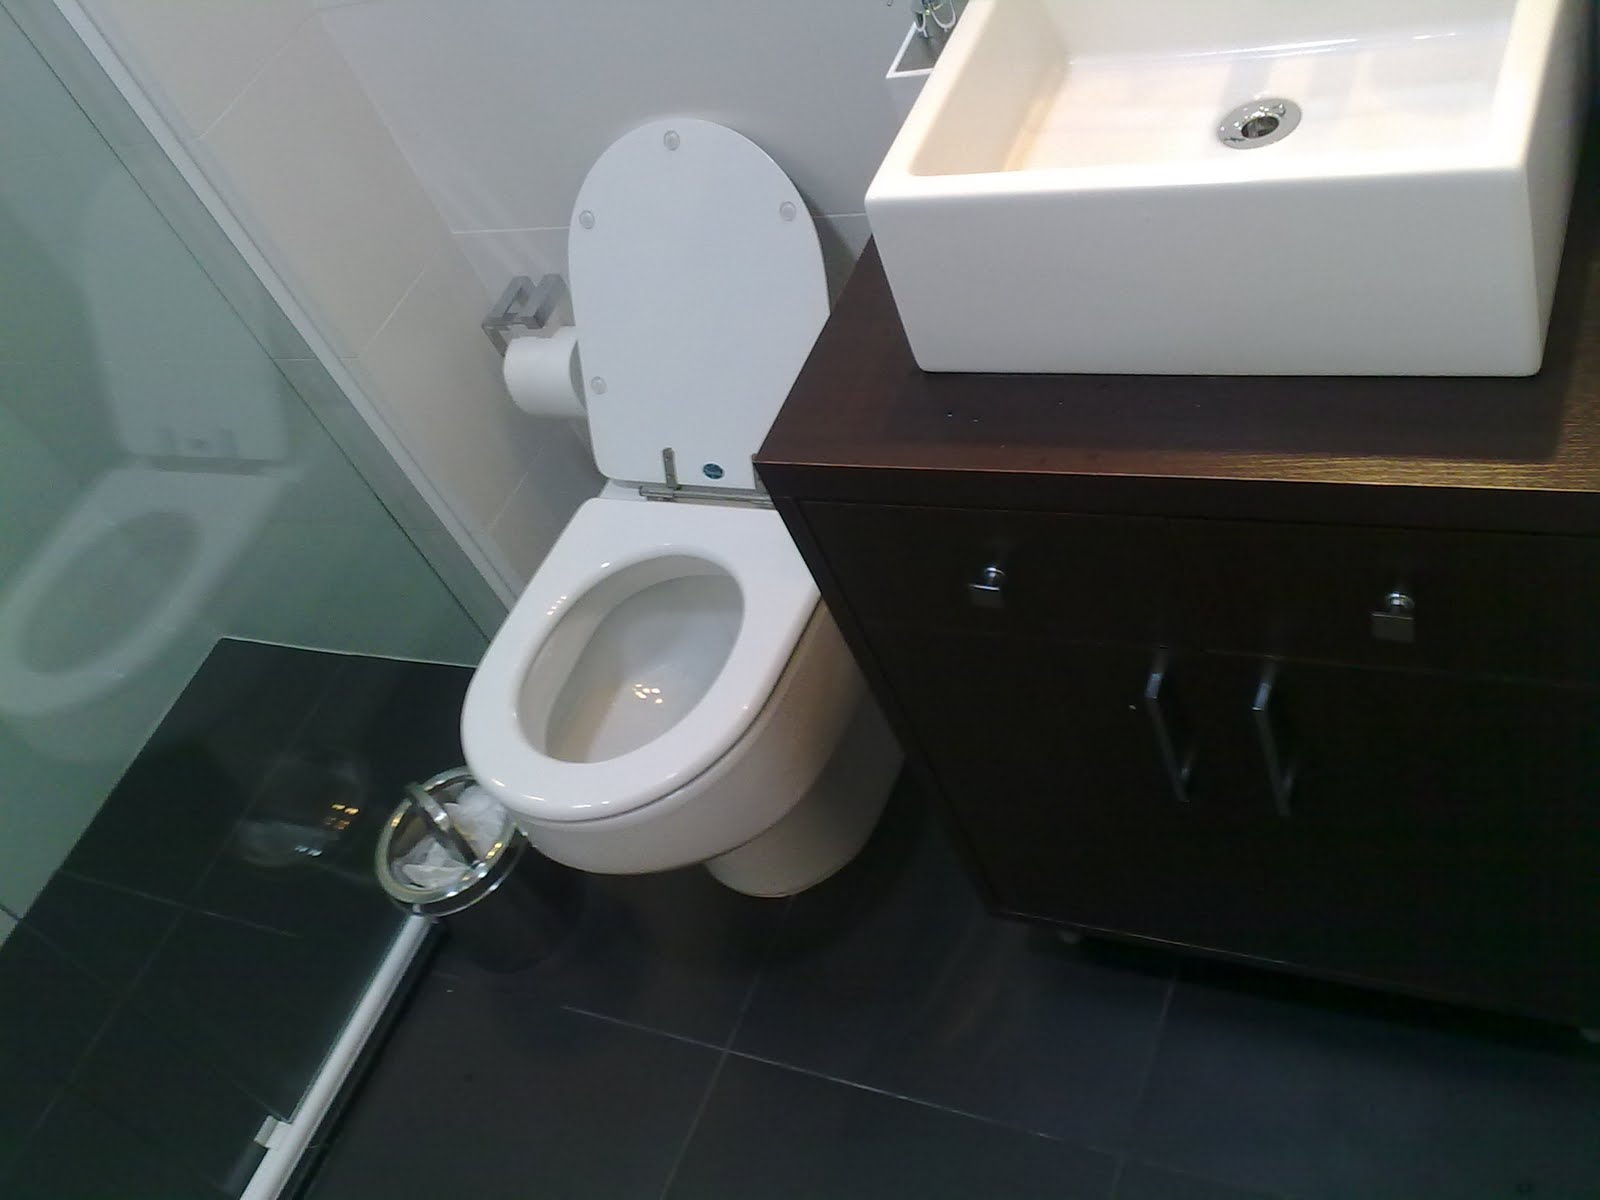 Pisos Para Banheiro Preto Pisos Bege Para Cozinha Pisos Para Cozinha  #705F45 1600 1200